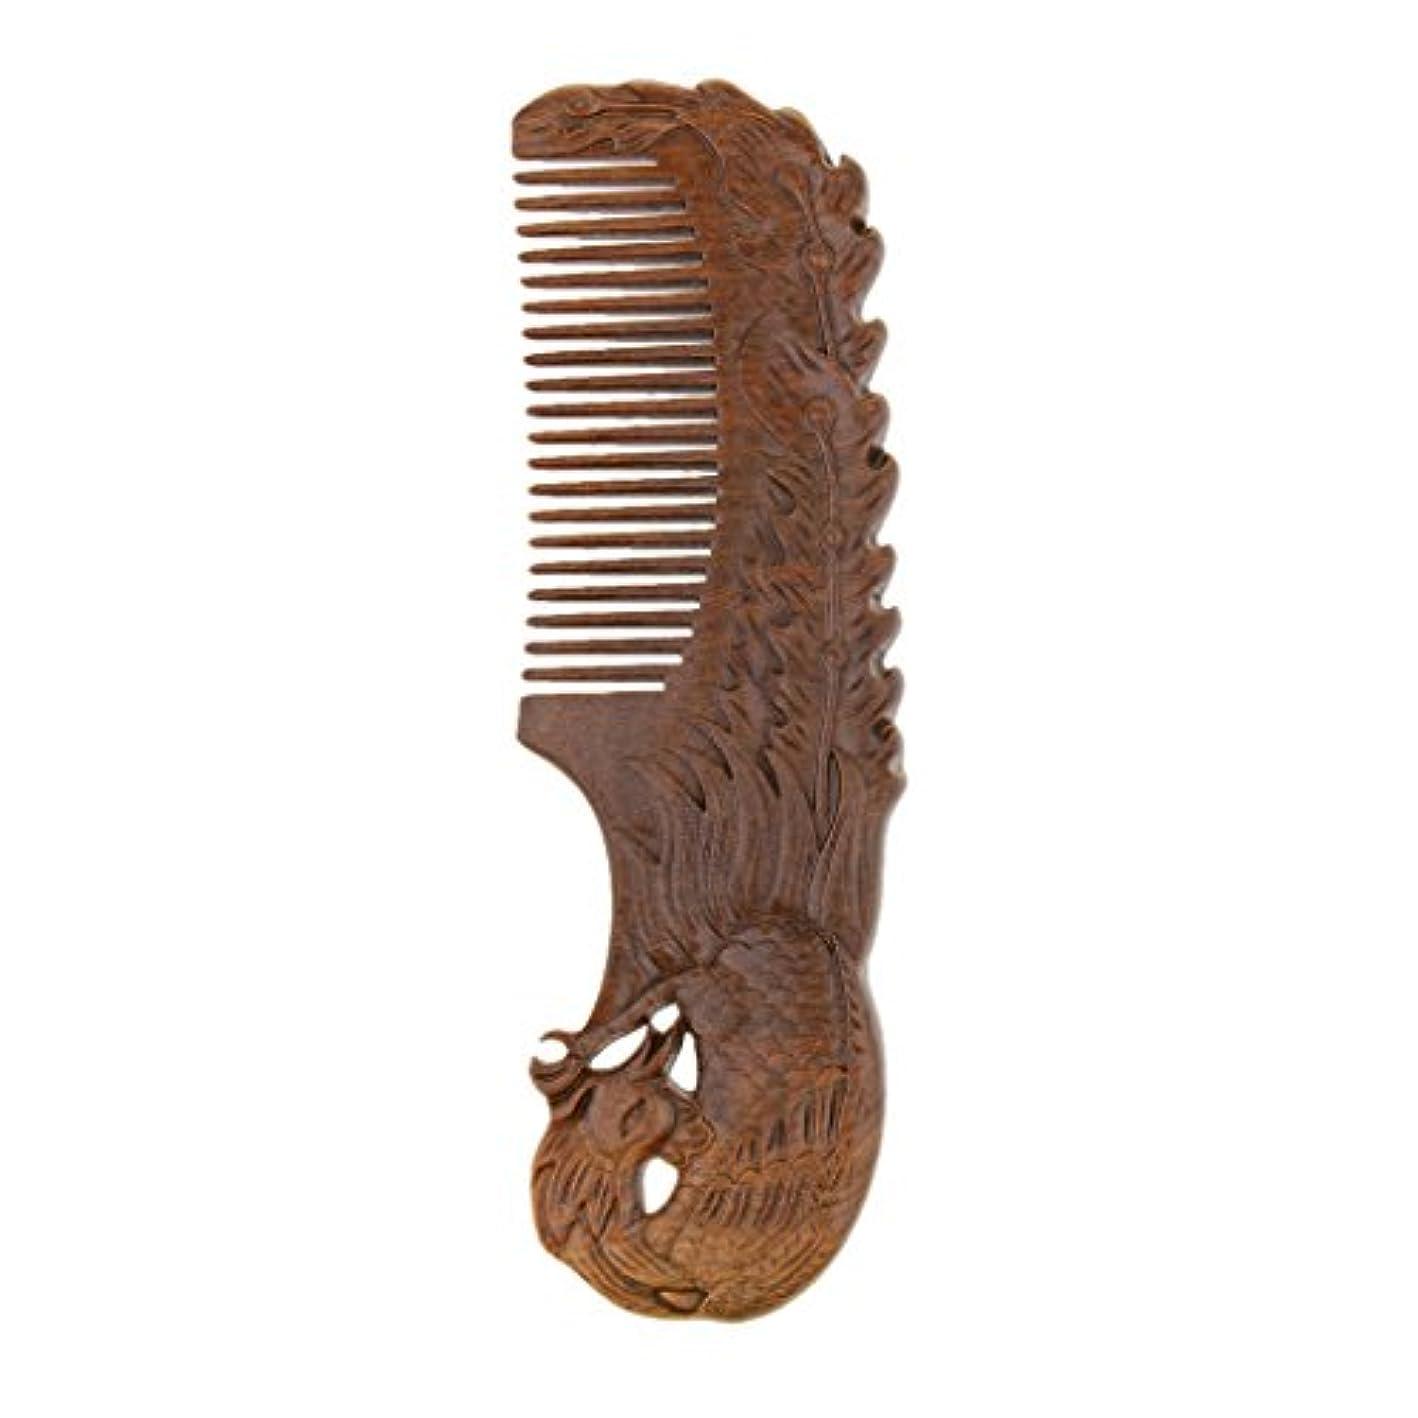 パトワ女の子歴史的ウッドコーム ナチュラル サンダルウッド ワイド歯 ブラシ ヘアスタイリング デタングリングコーム 2タイプ - Phoenix